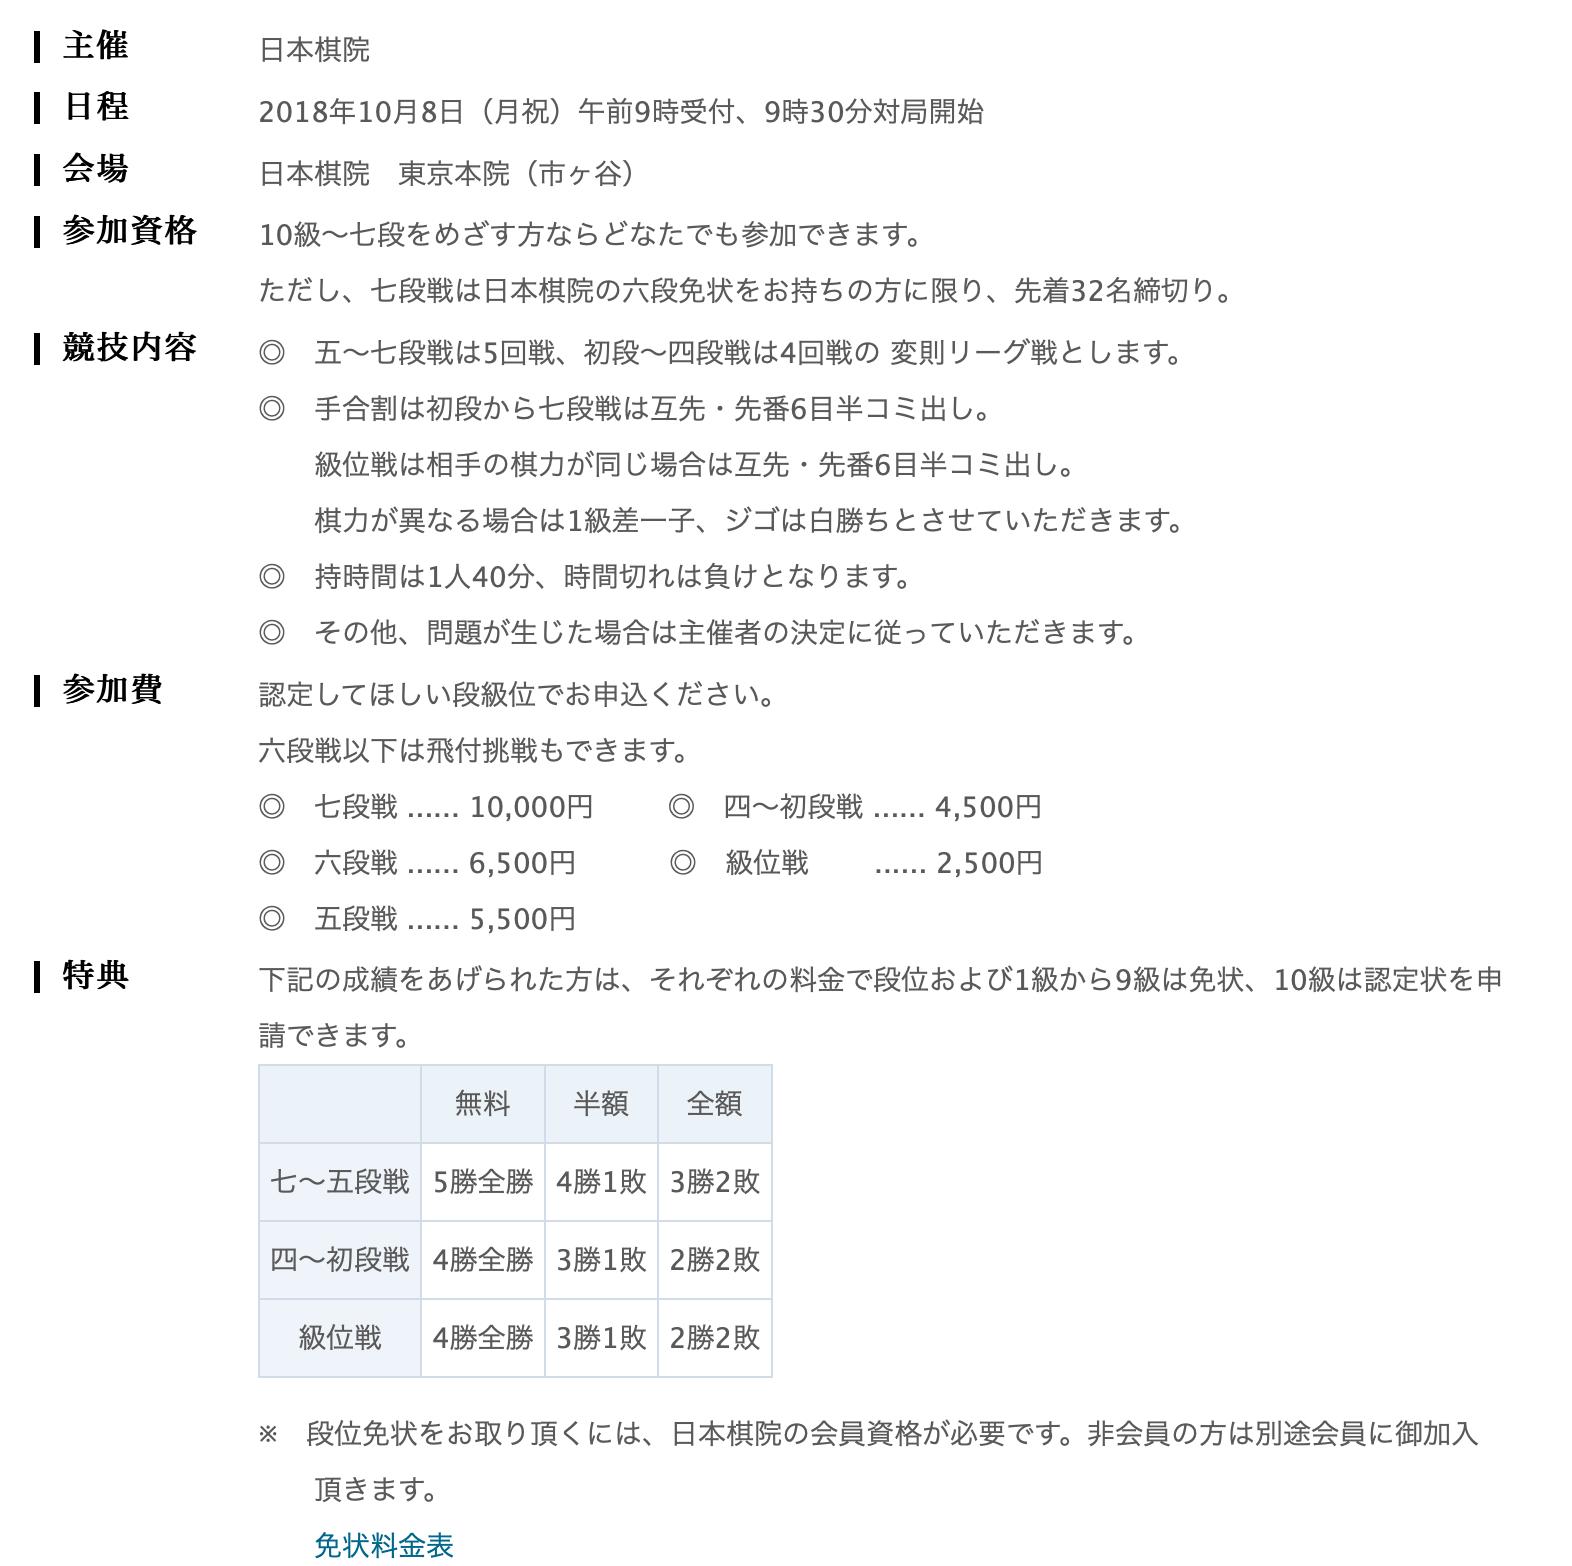 日本棋院段級位認定大会